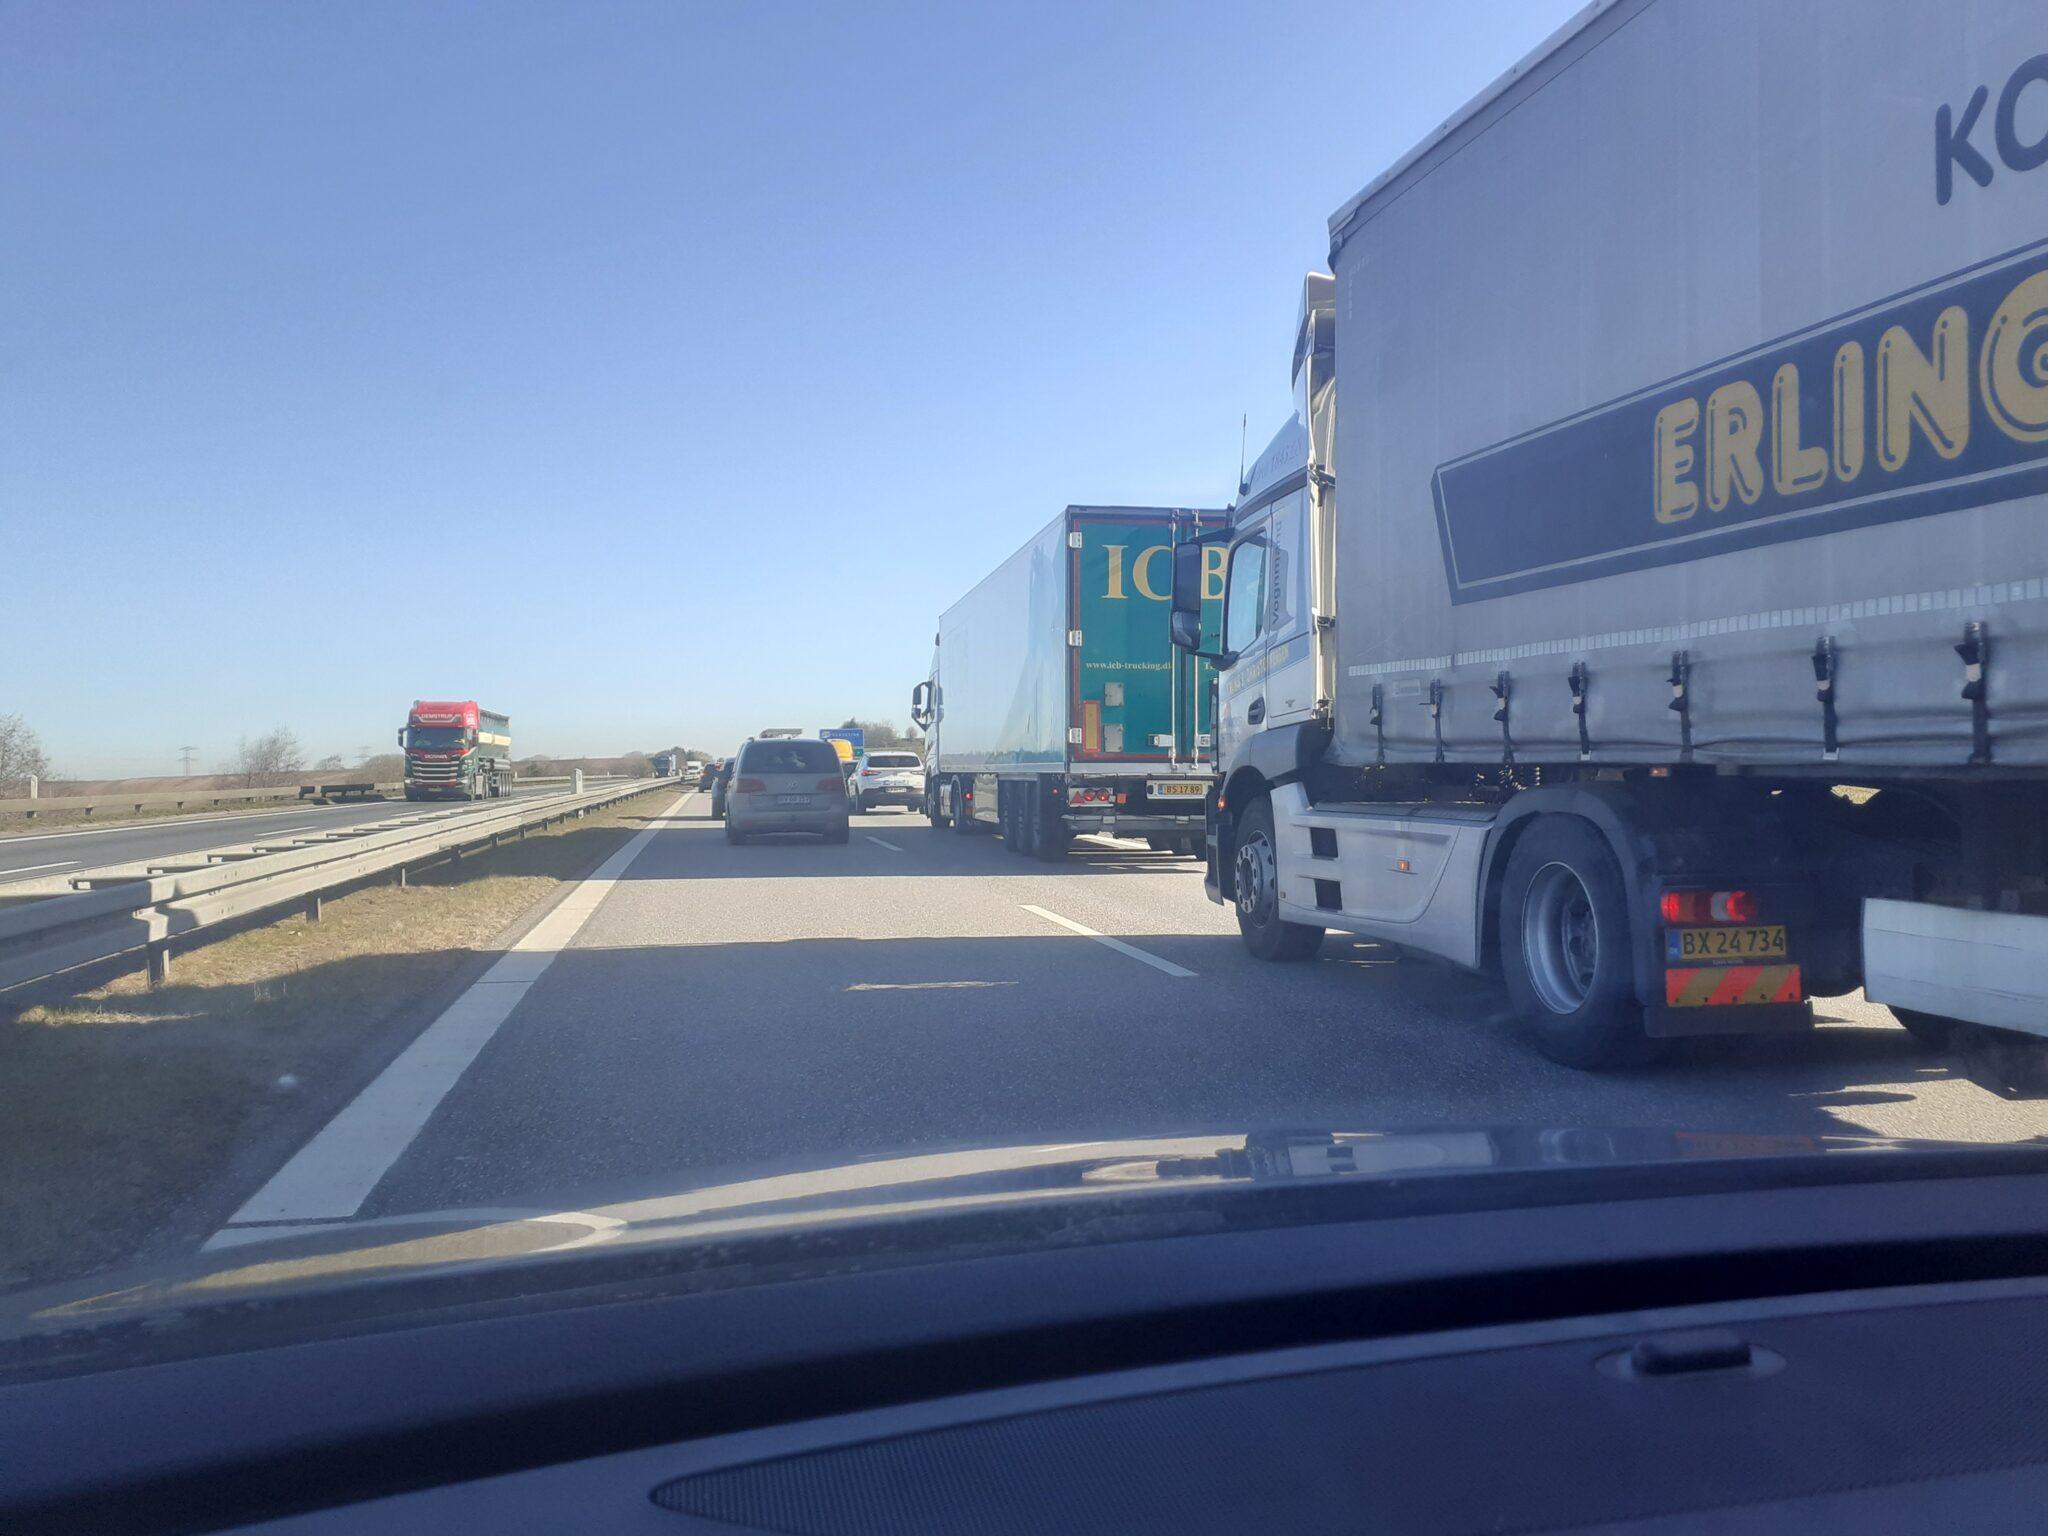 Vær opmærksom: Alvorlig ulykke i nordgående retning på motorvejen